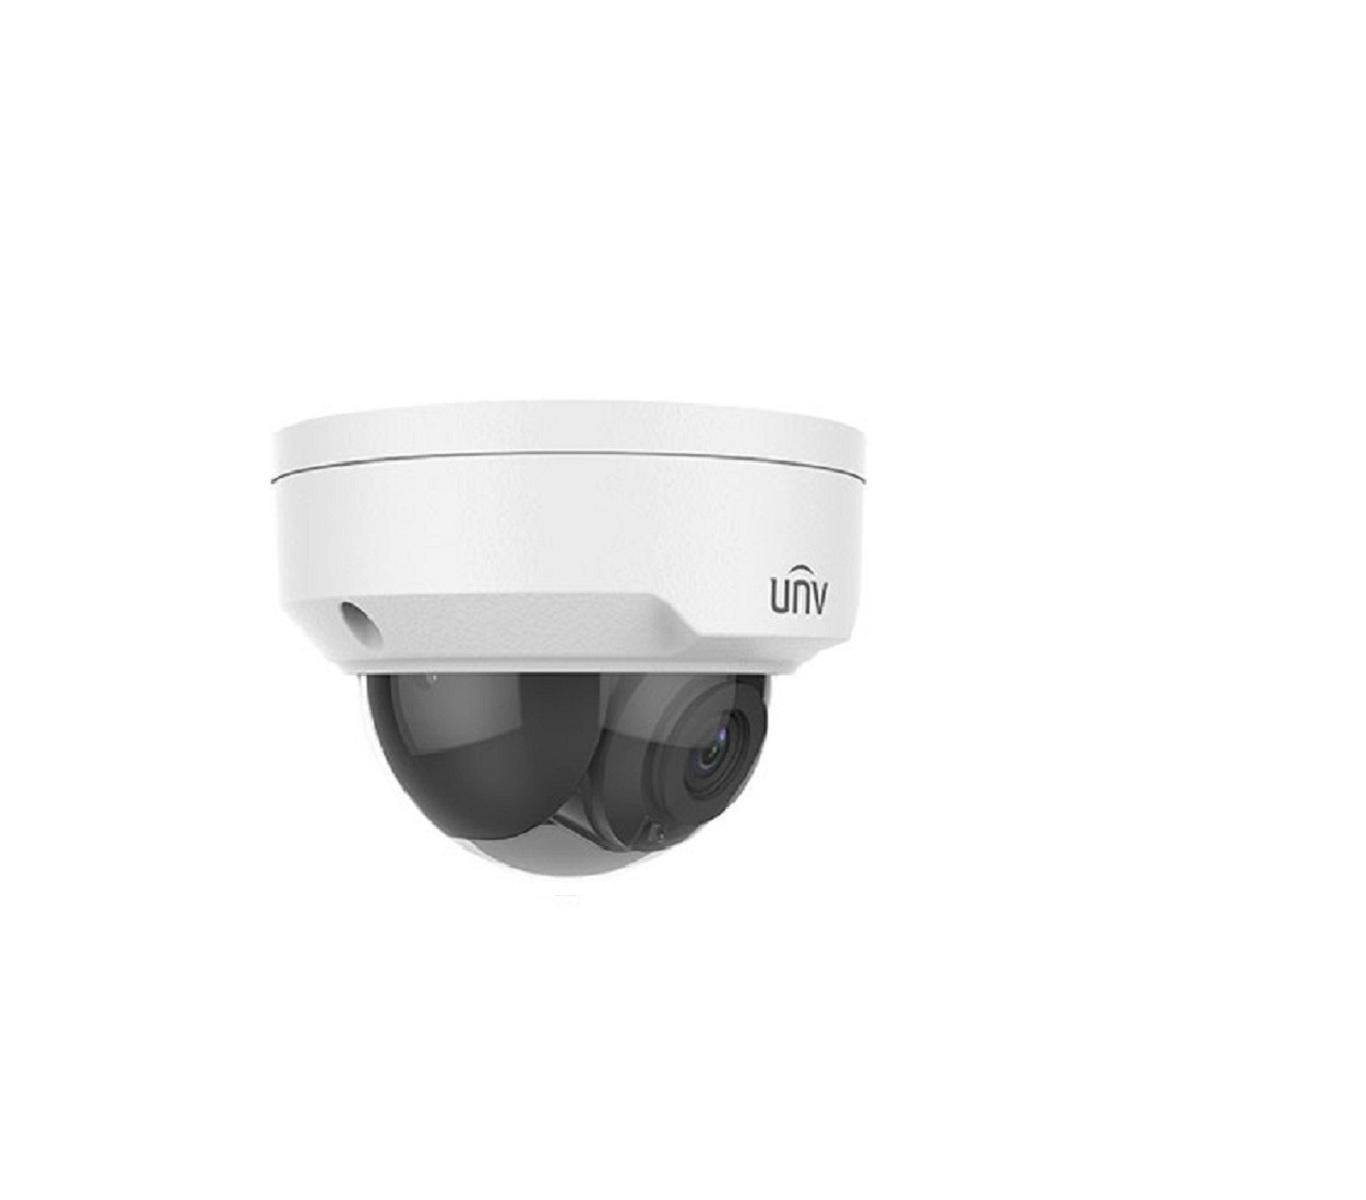 Camera IP BÁN CẦU HỒNG NGOẠI IPC324LR3-VSPF28